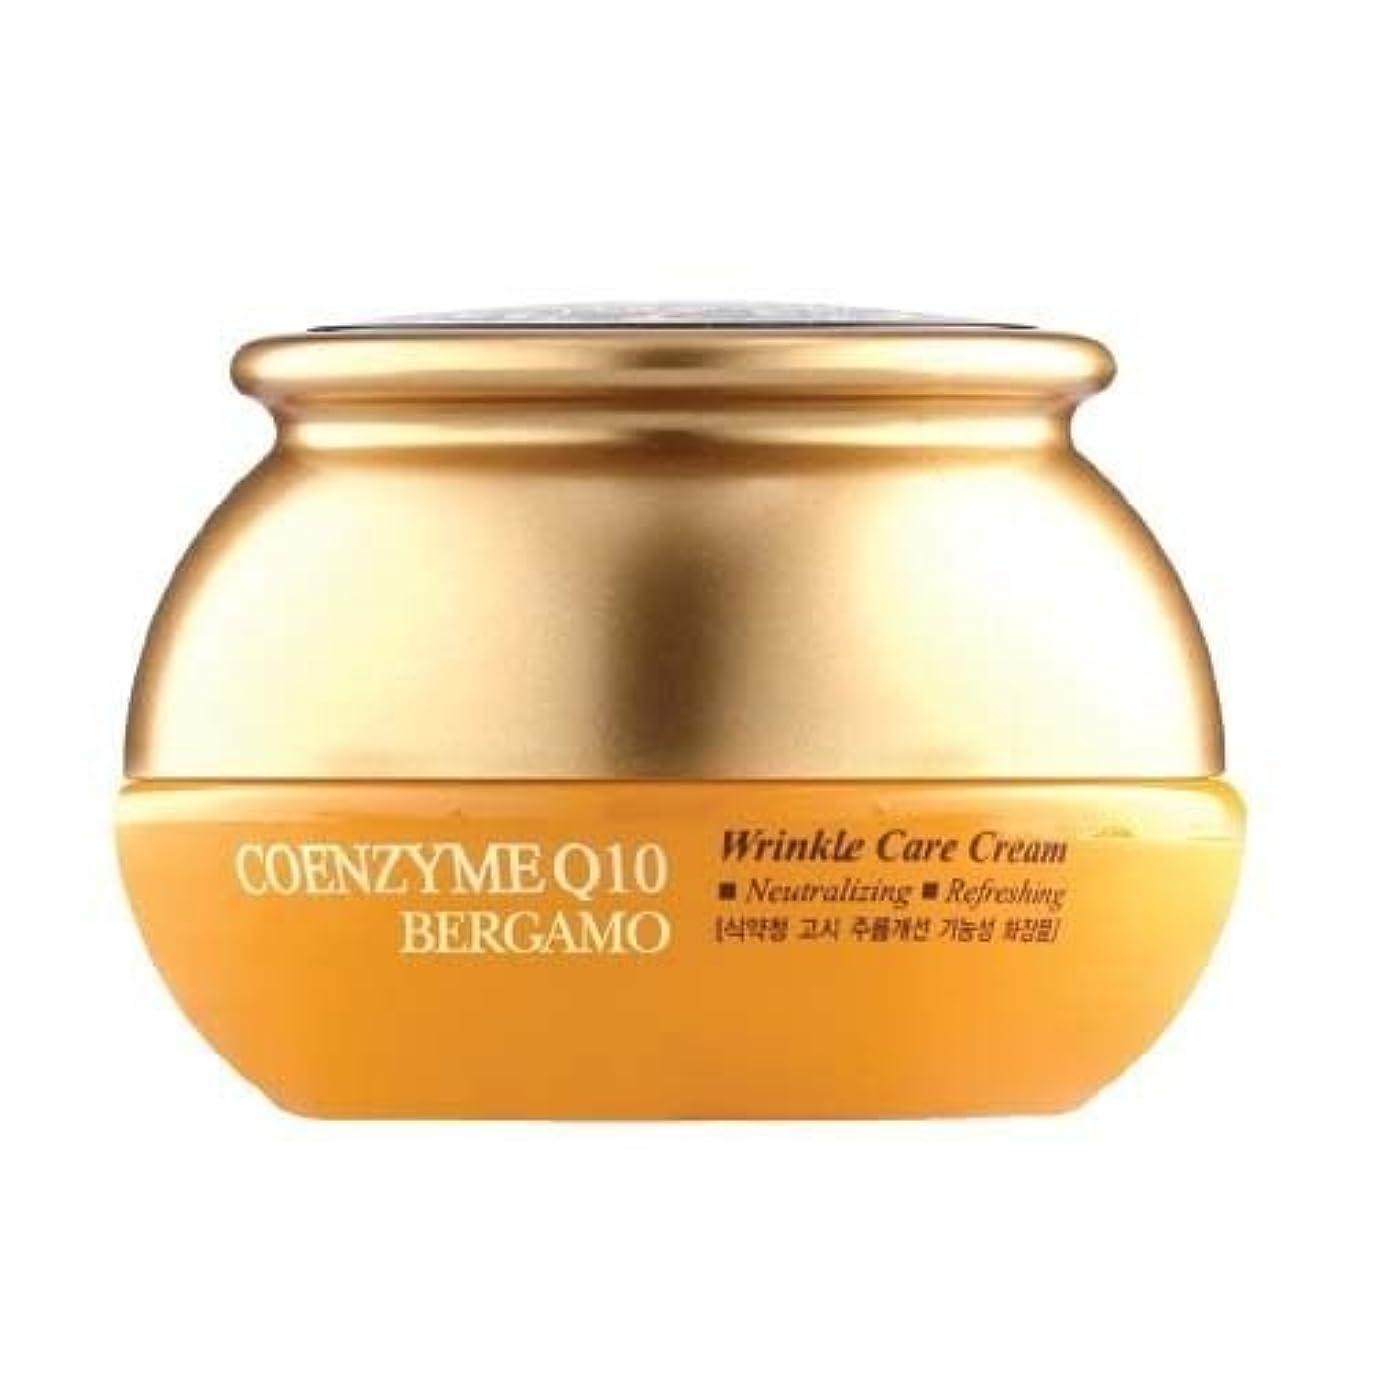 構想する思慮のない悪意ベルガモ[韓国コスメBergamo]Coenzyme Q10 Wrinkle Care Cream コエンザイムQ10リンクルケアクリーム50ml しわ管理 [並行輸入品]